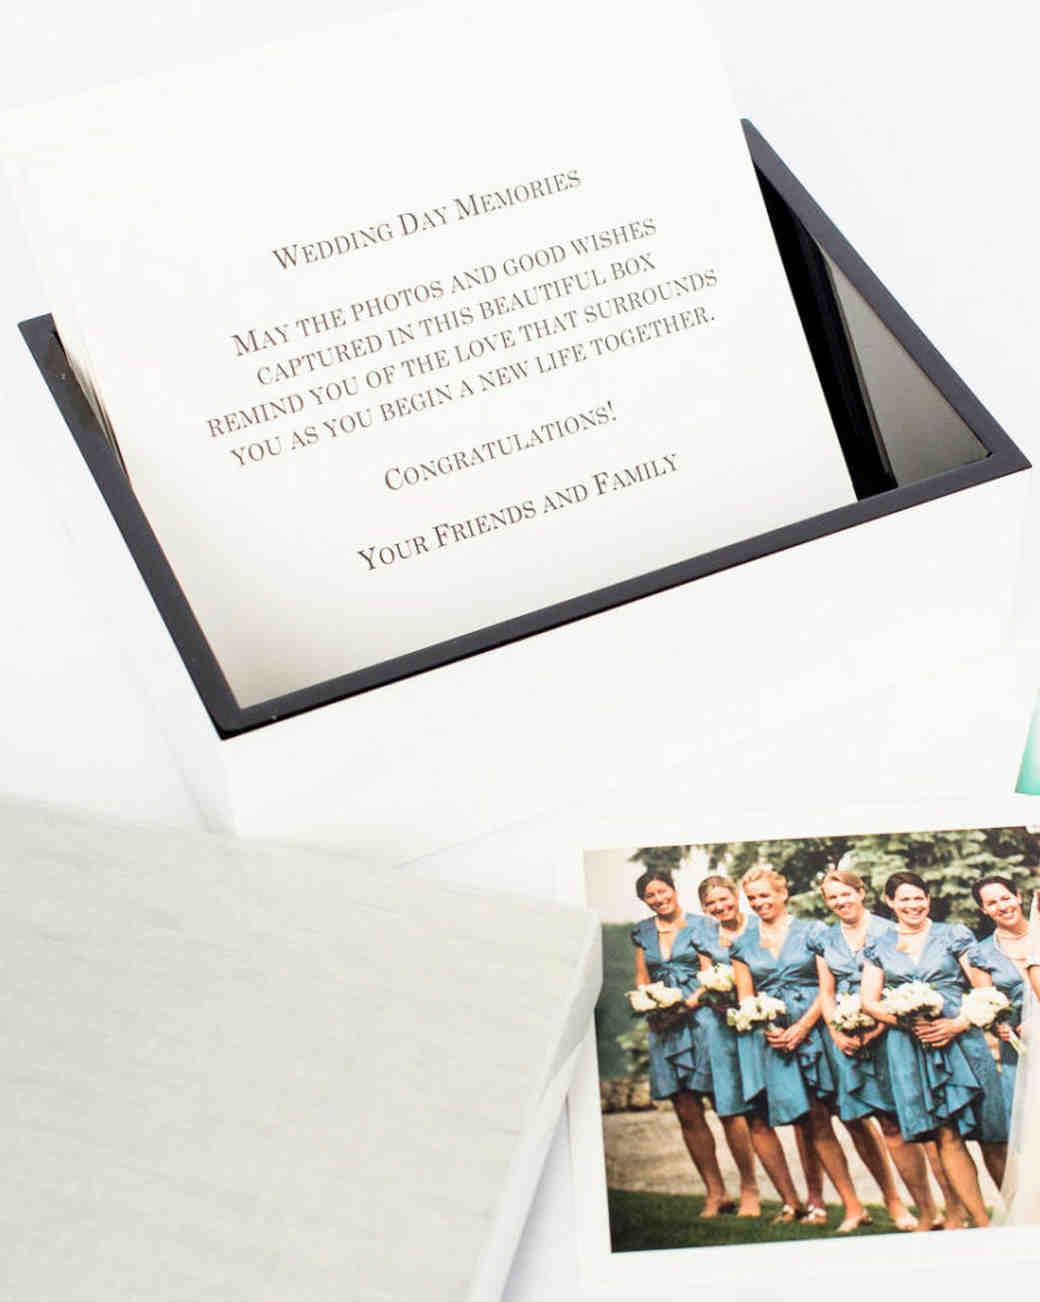 boombox memory box